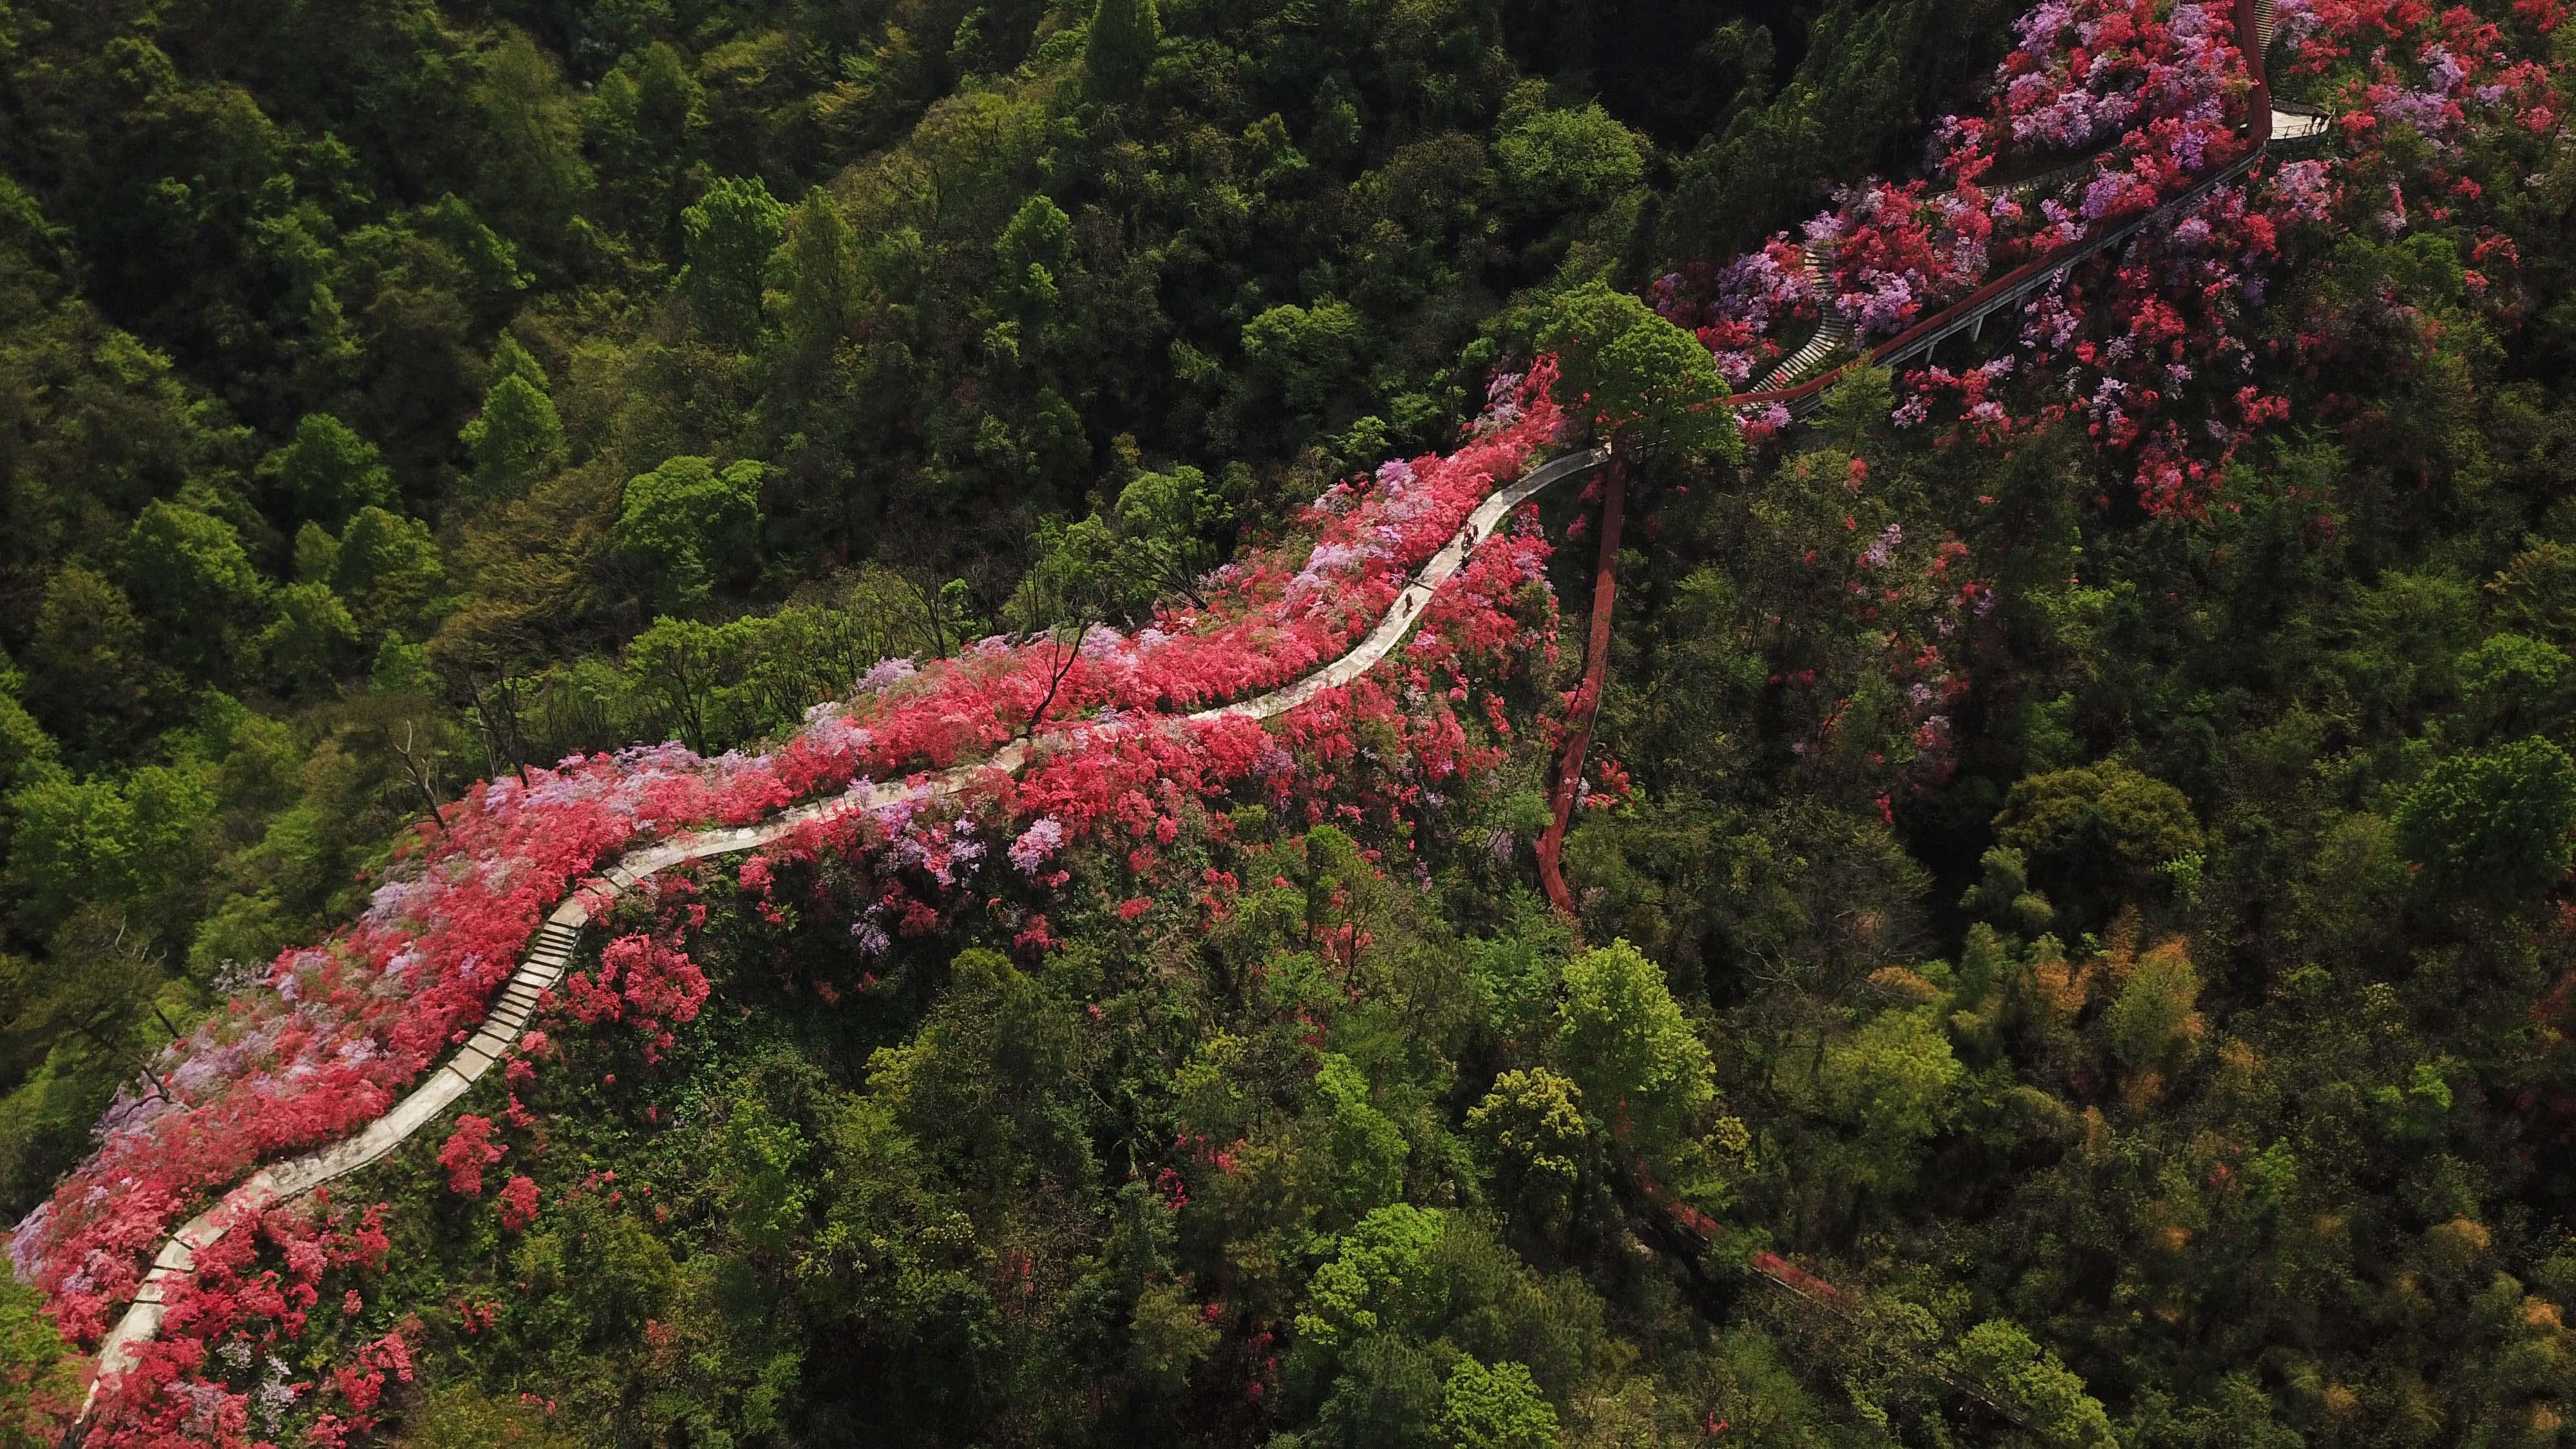 安徽省岳西县天峡风景区内的杜鹃花竞相绽放(4月12日无人机拍摄).